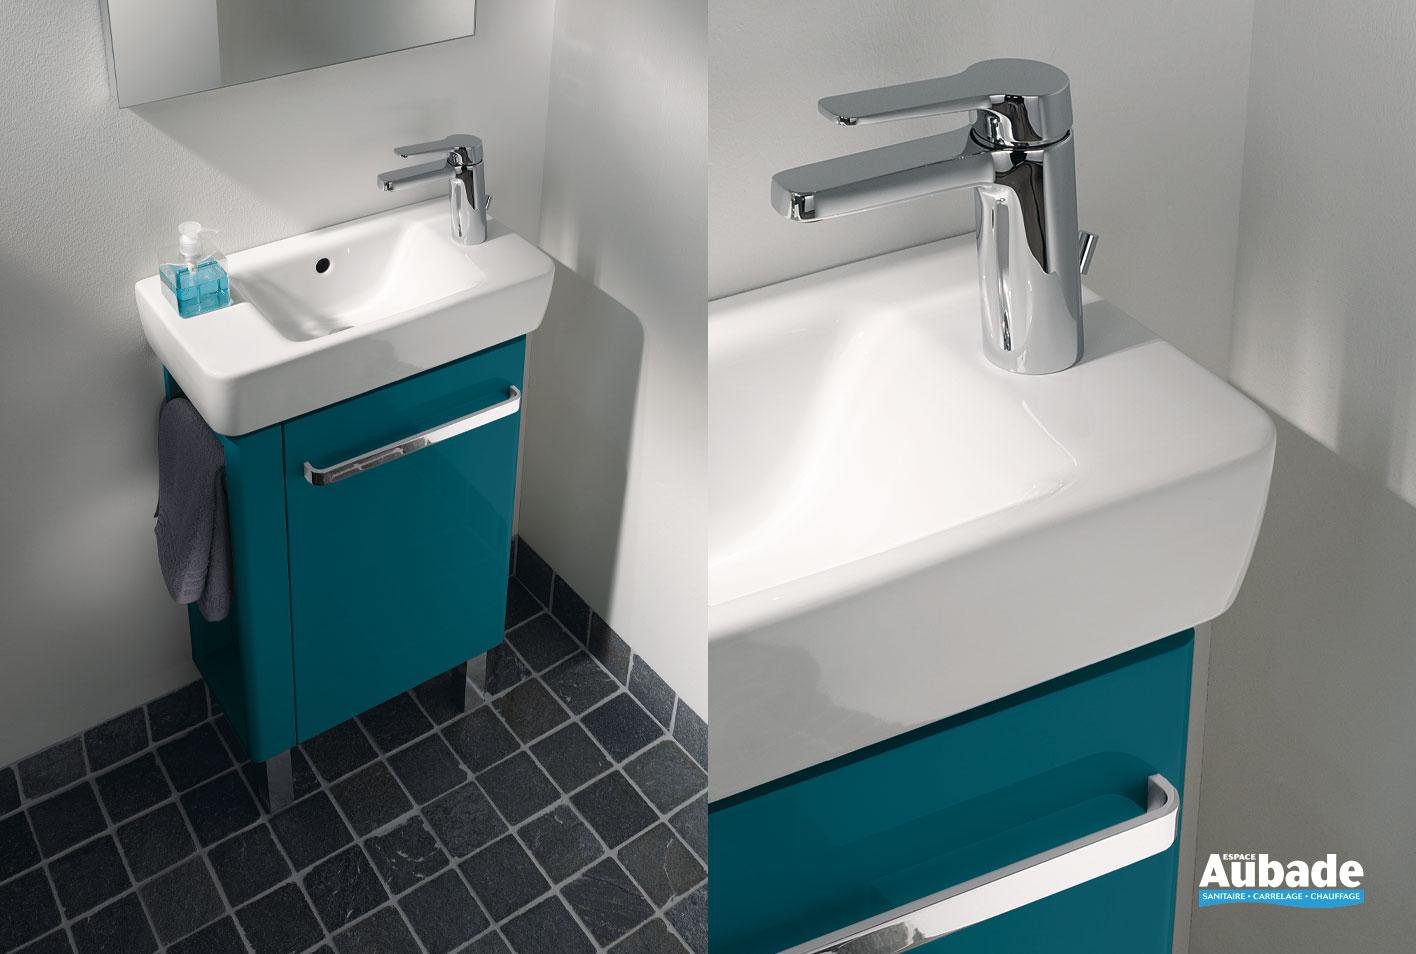 Comment Installer Un Lave Main Avec Meuble lave-main allia prima style compact | espace aubade